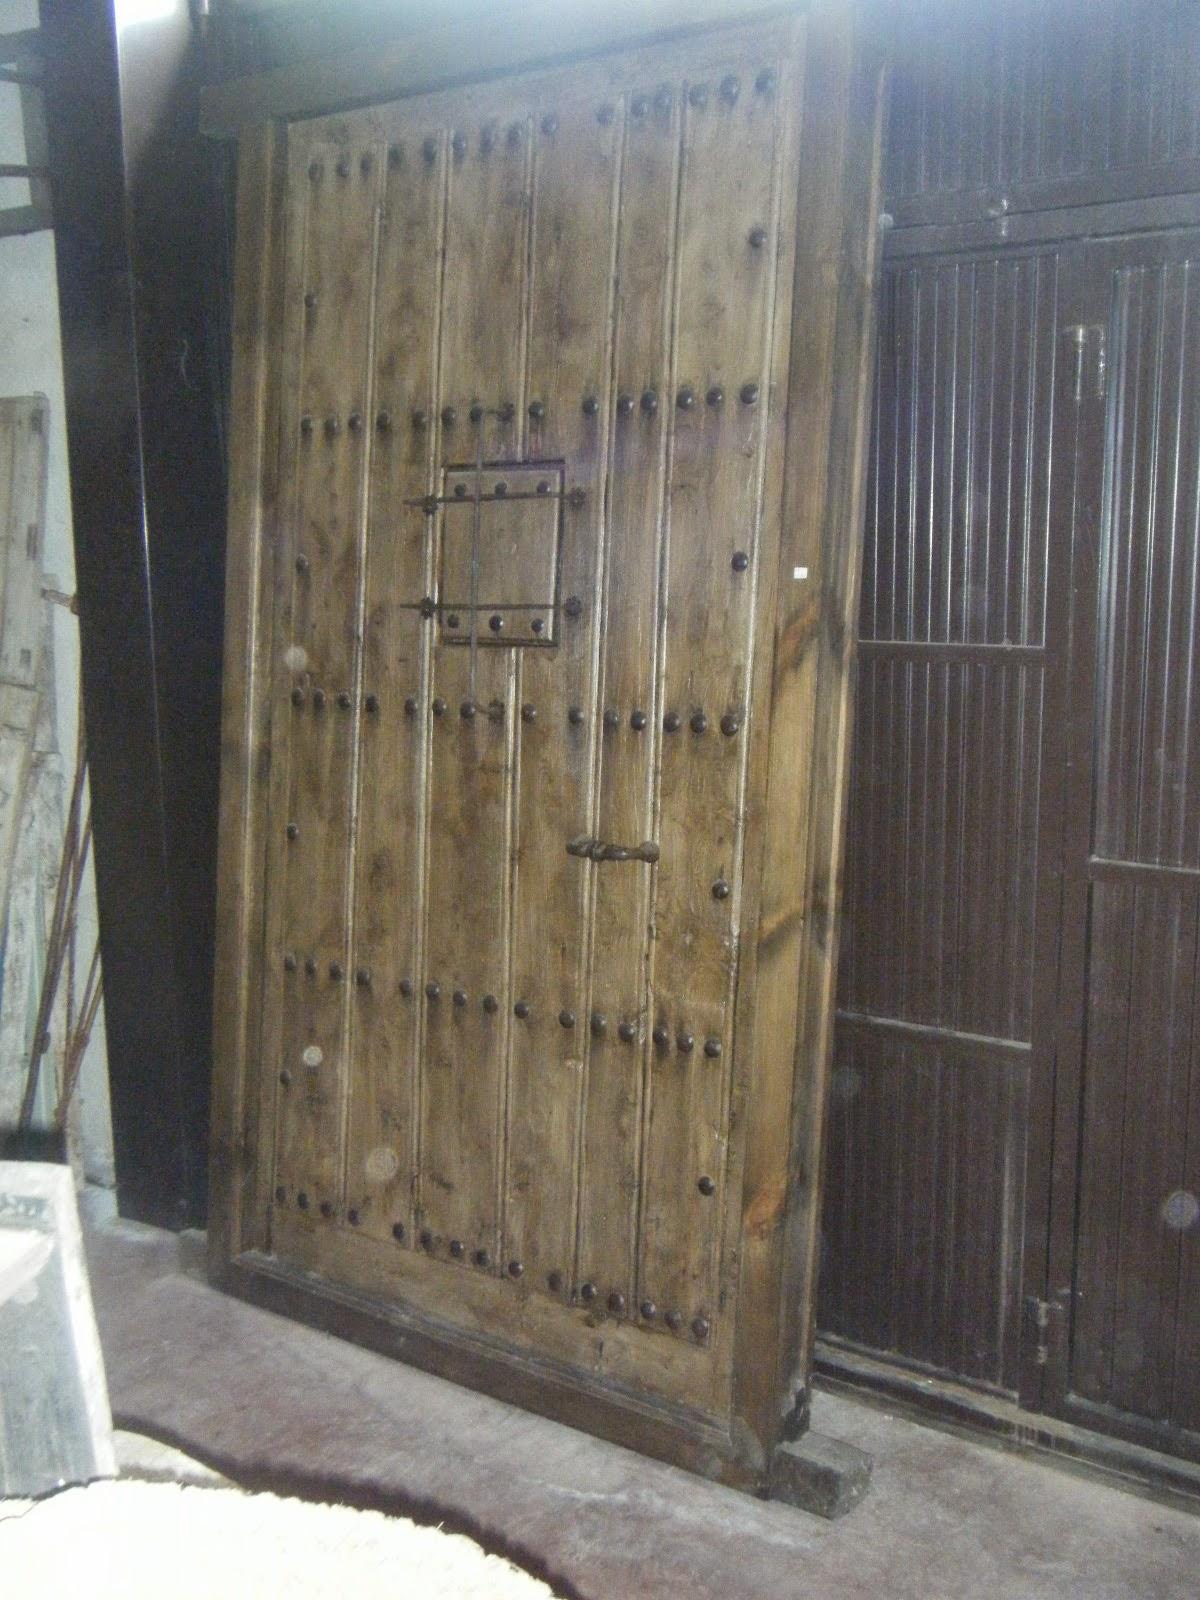 Antig edades almagro puertas ventanucos herrajes - Herrajes rusticos para puertas ...